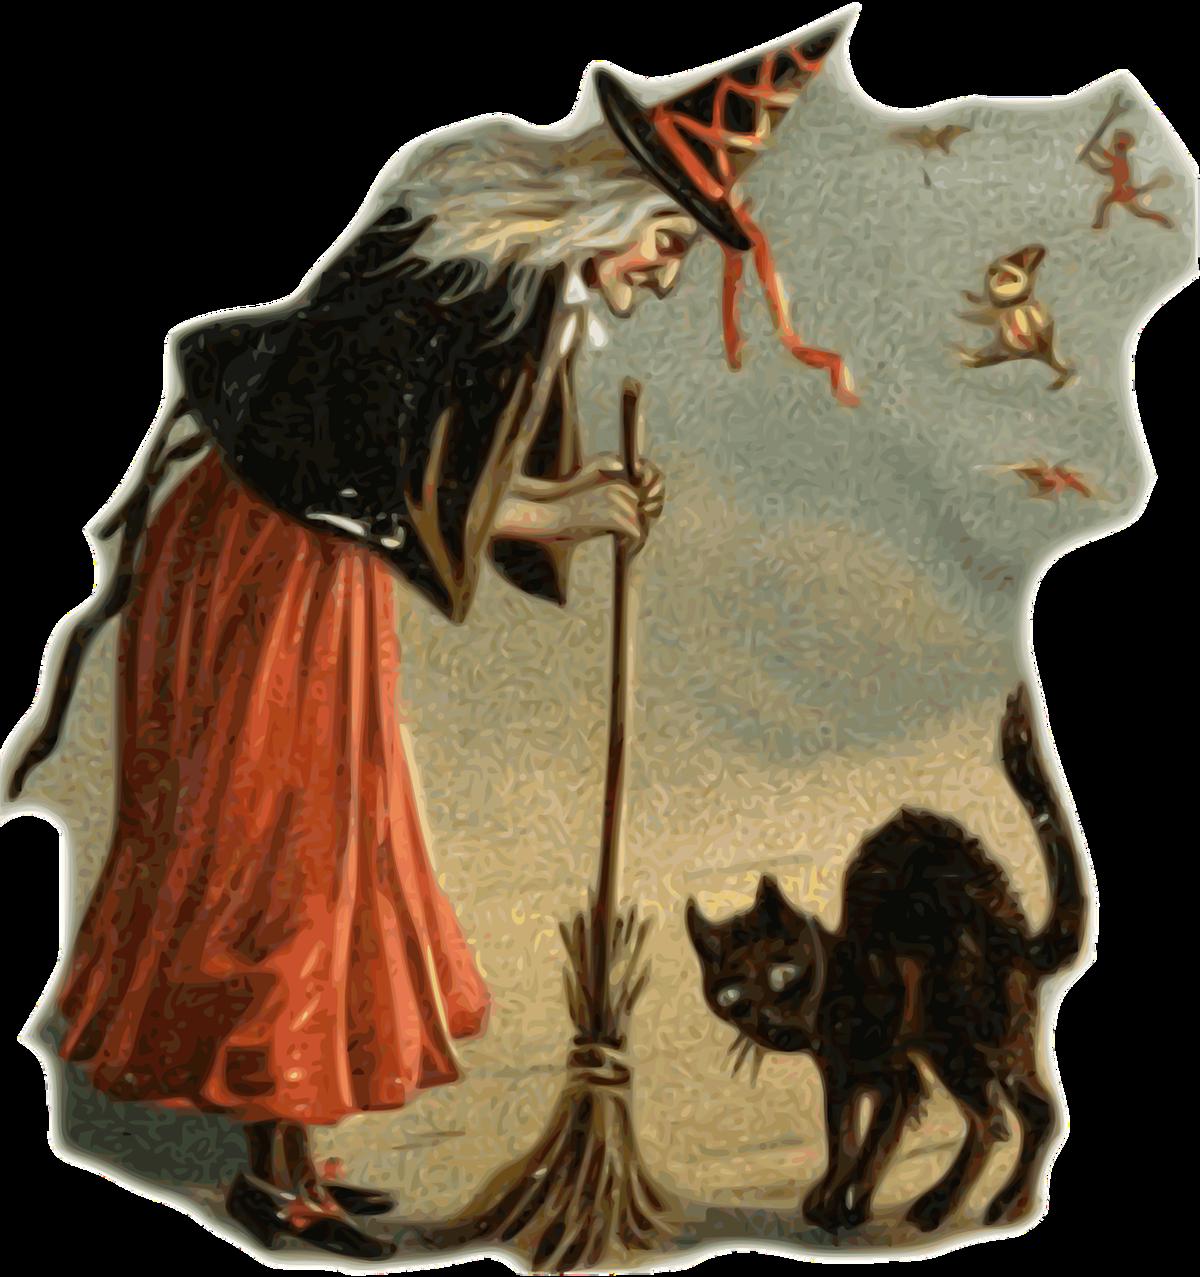 Прикольные картинки изображением ведьмочки рыжей с двумя котами, лет картинки